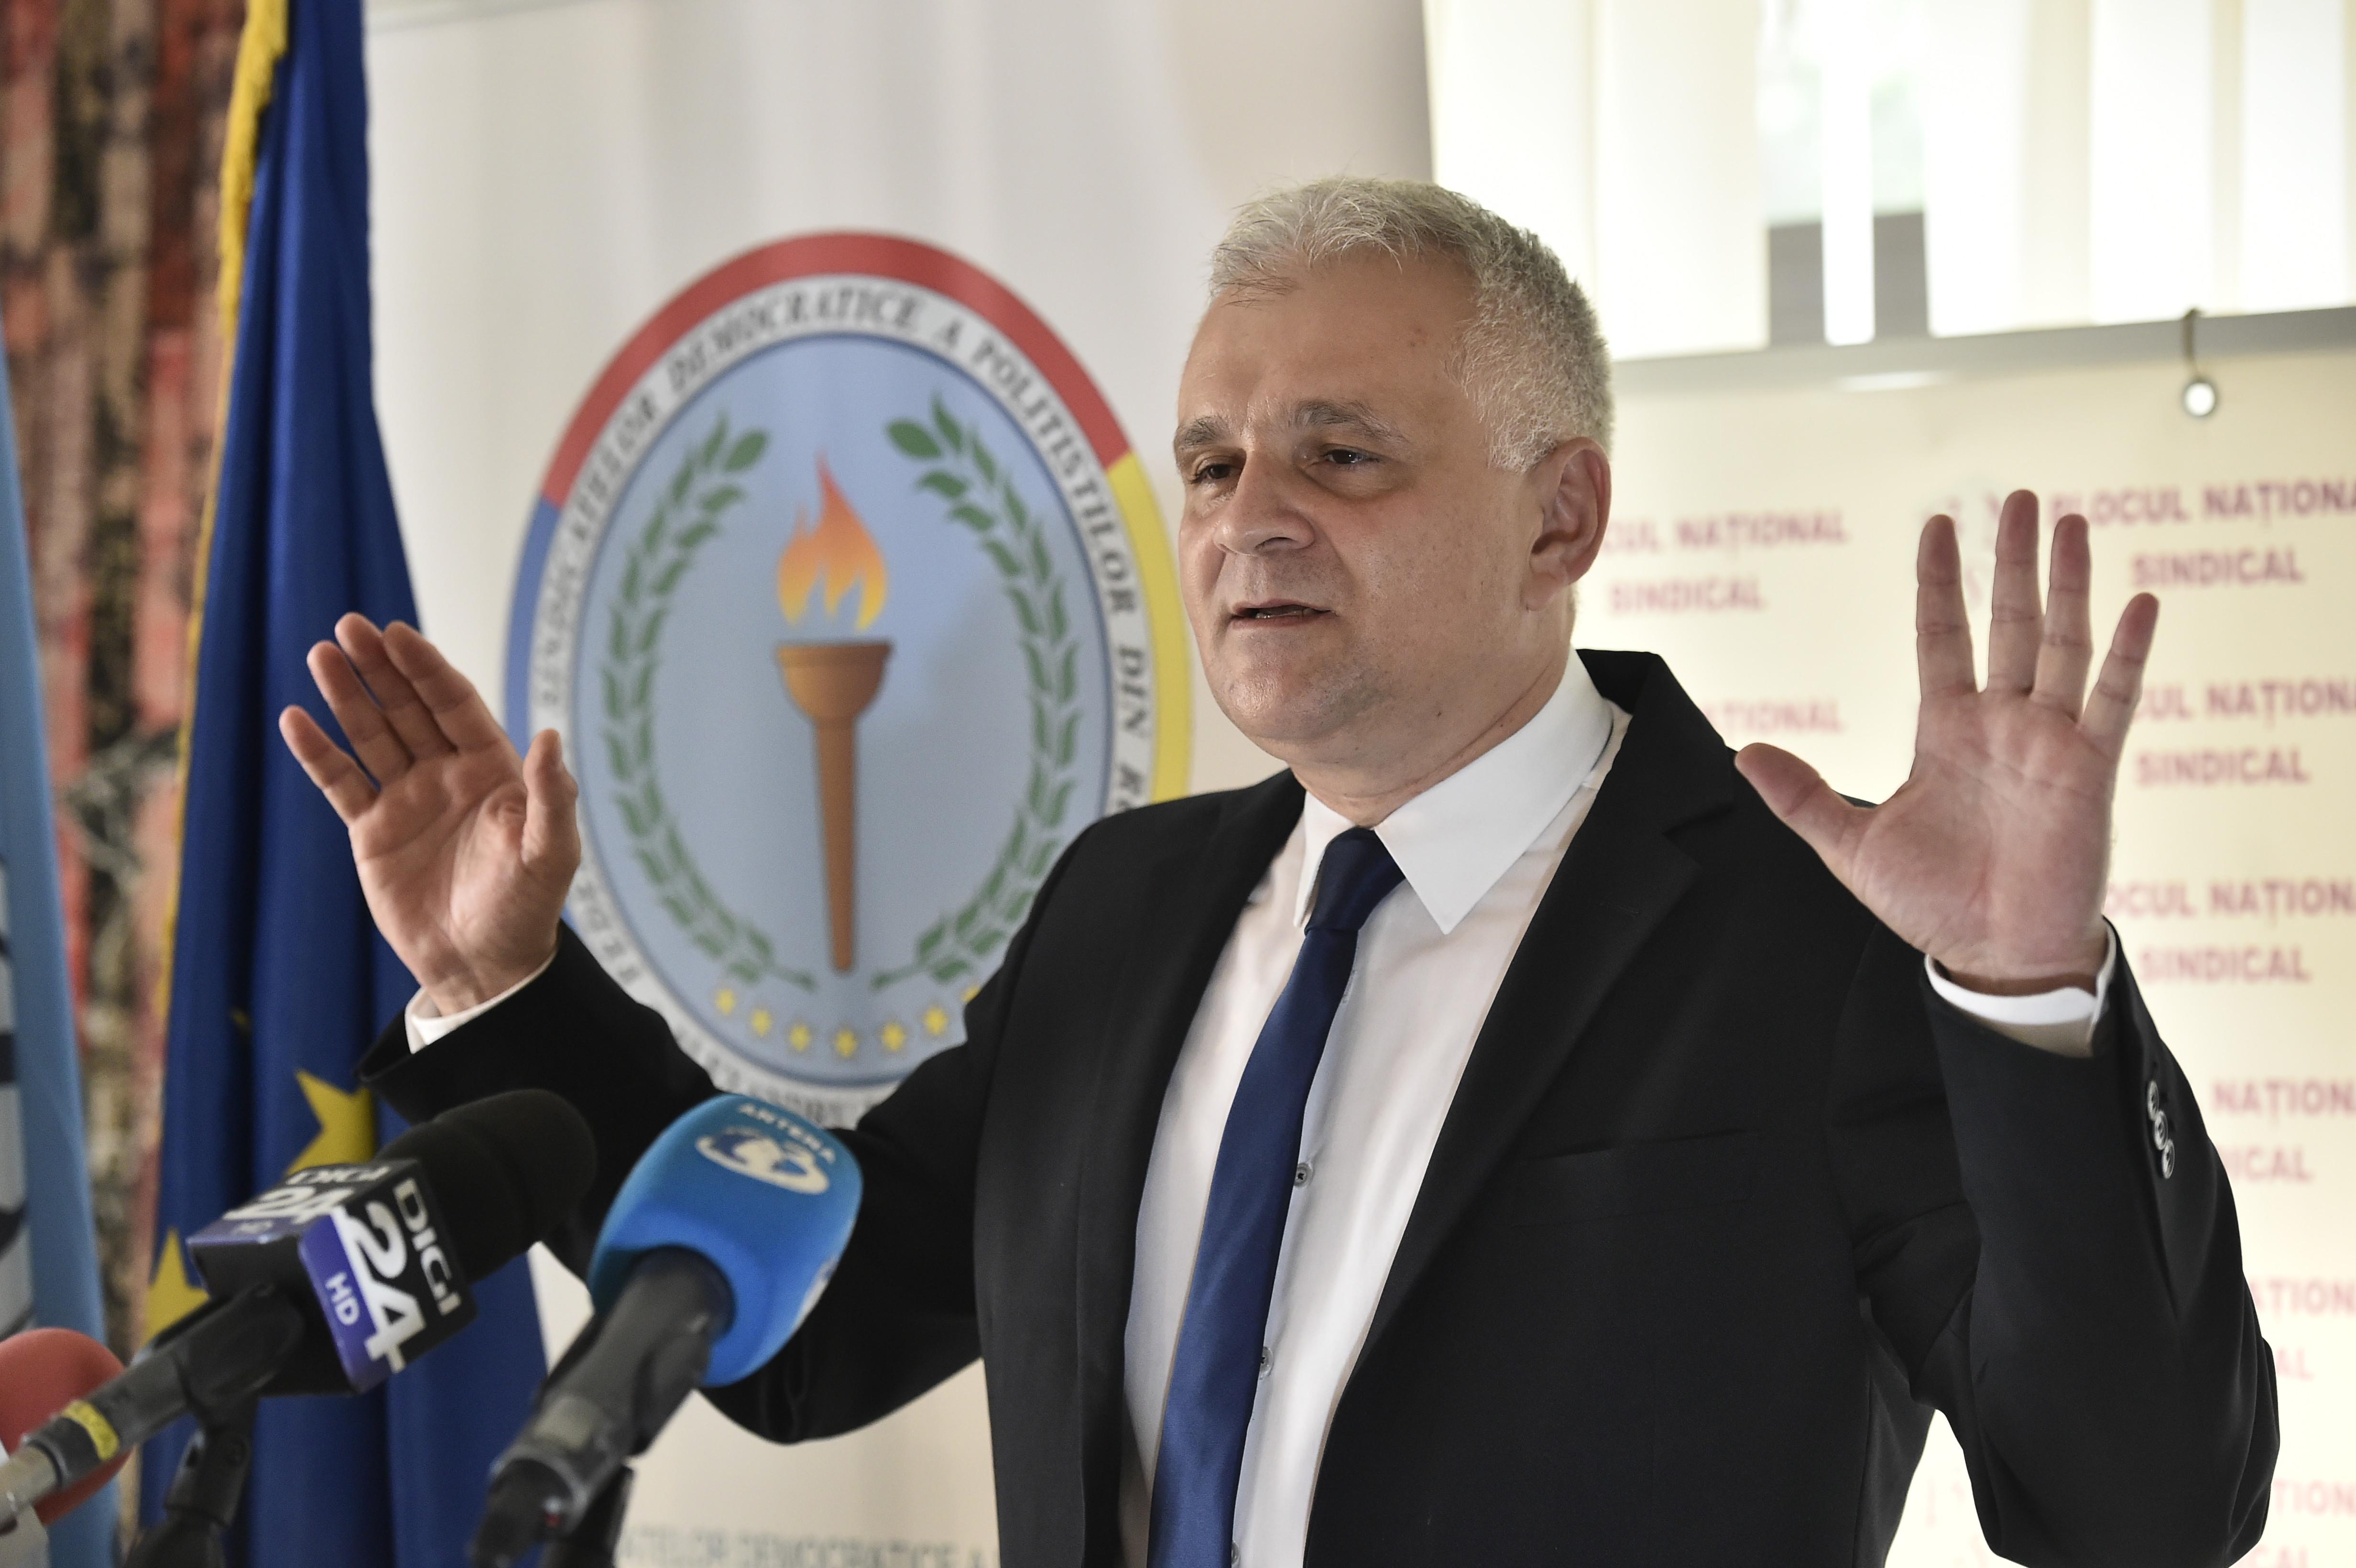 """Fost purtător de cuvânt al Poliției Capitalei, amendat cu 6000 de lei: """"Rușine, Christian Ciocan"""". Reacția MAI"""